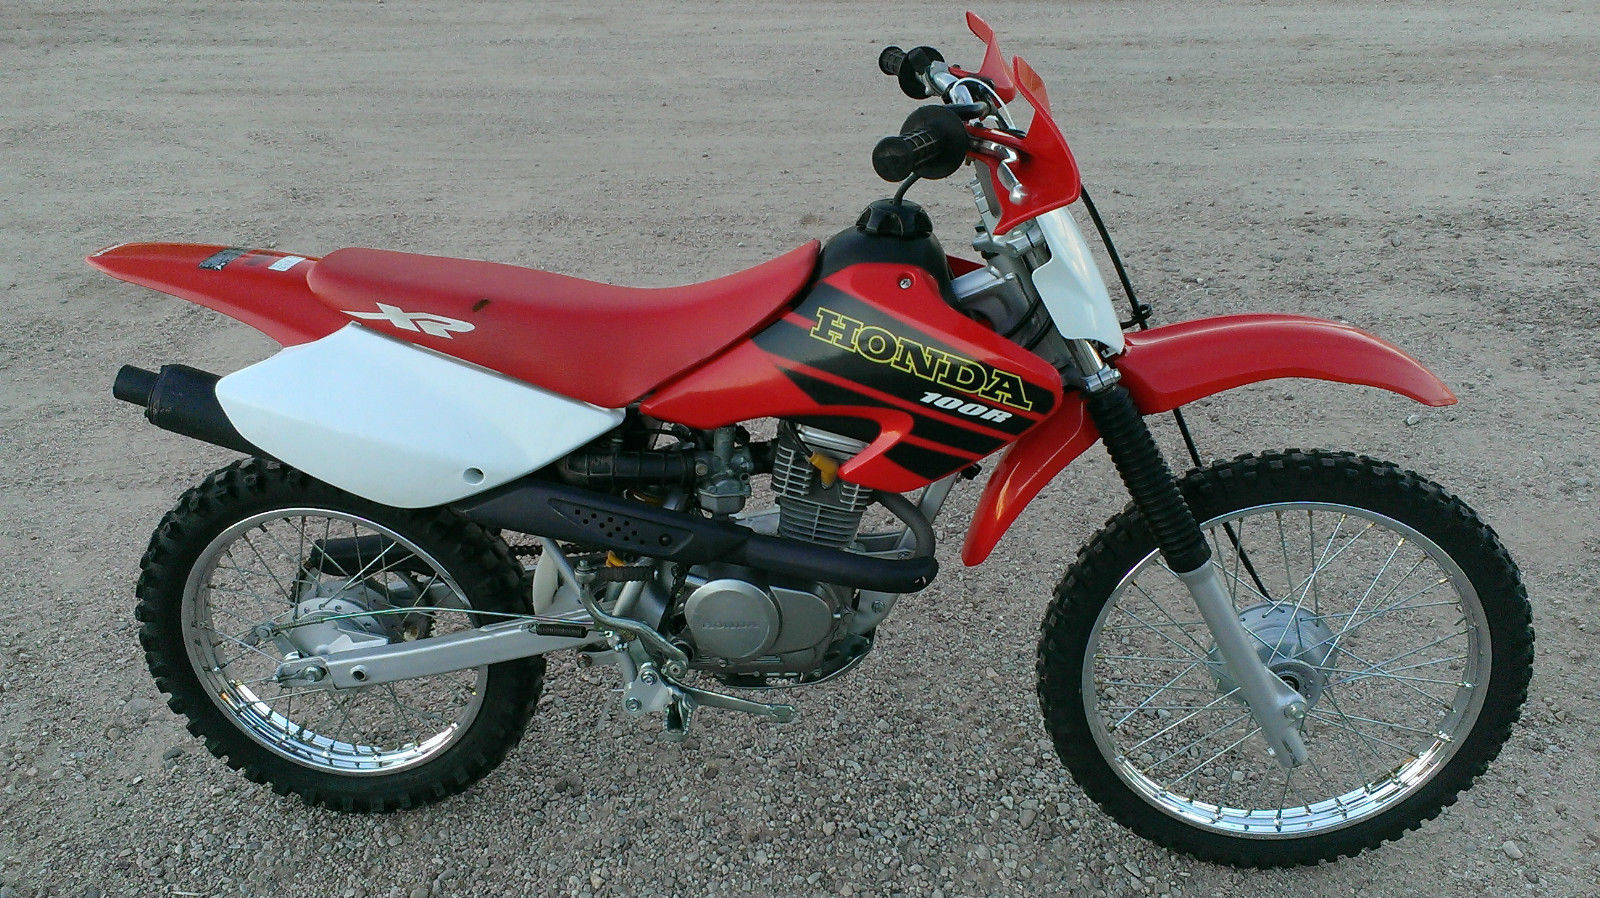 Honda 2001 Xr100r Dirt Bike Xr 100r 100 Xr100